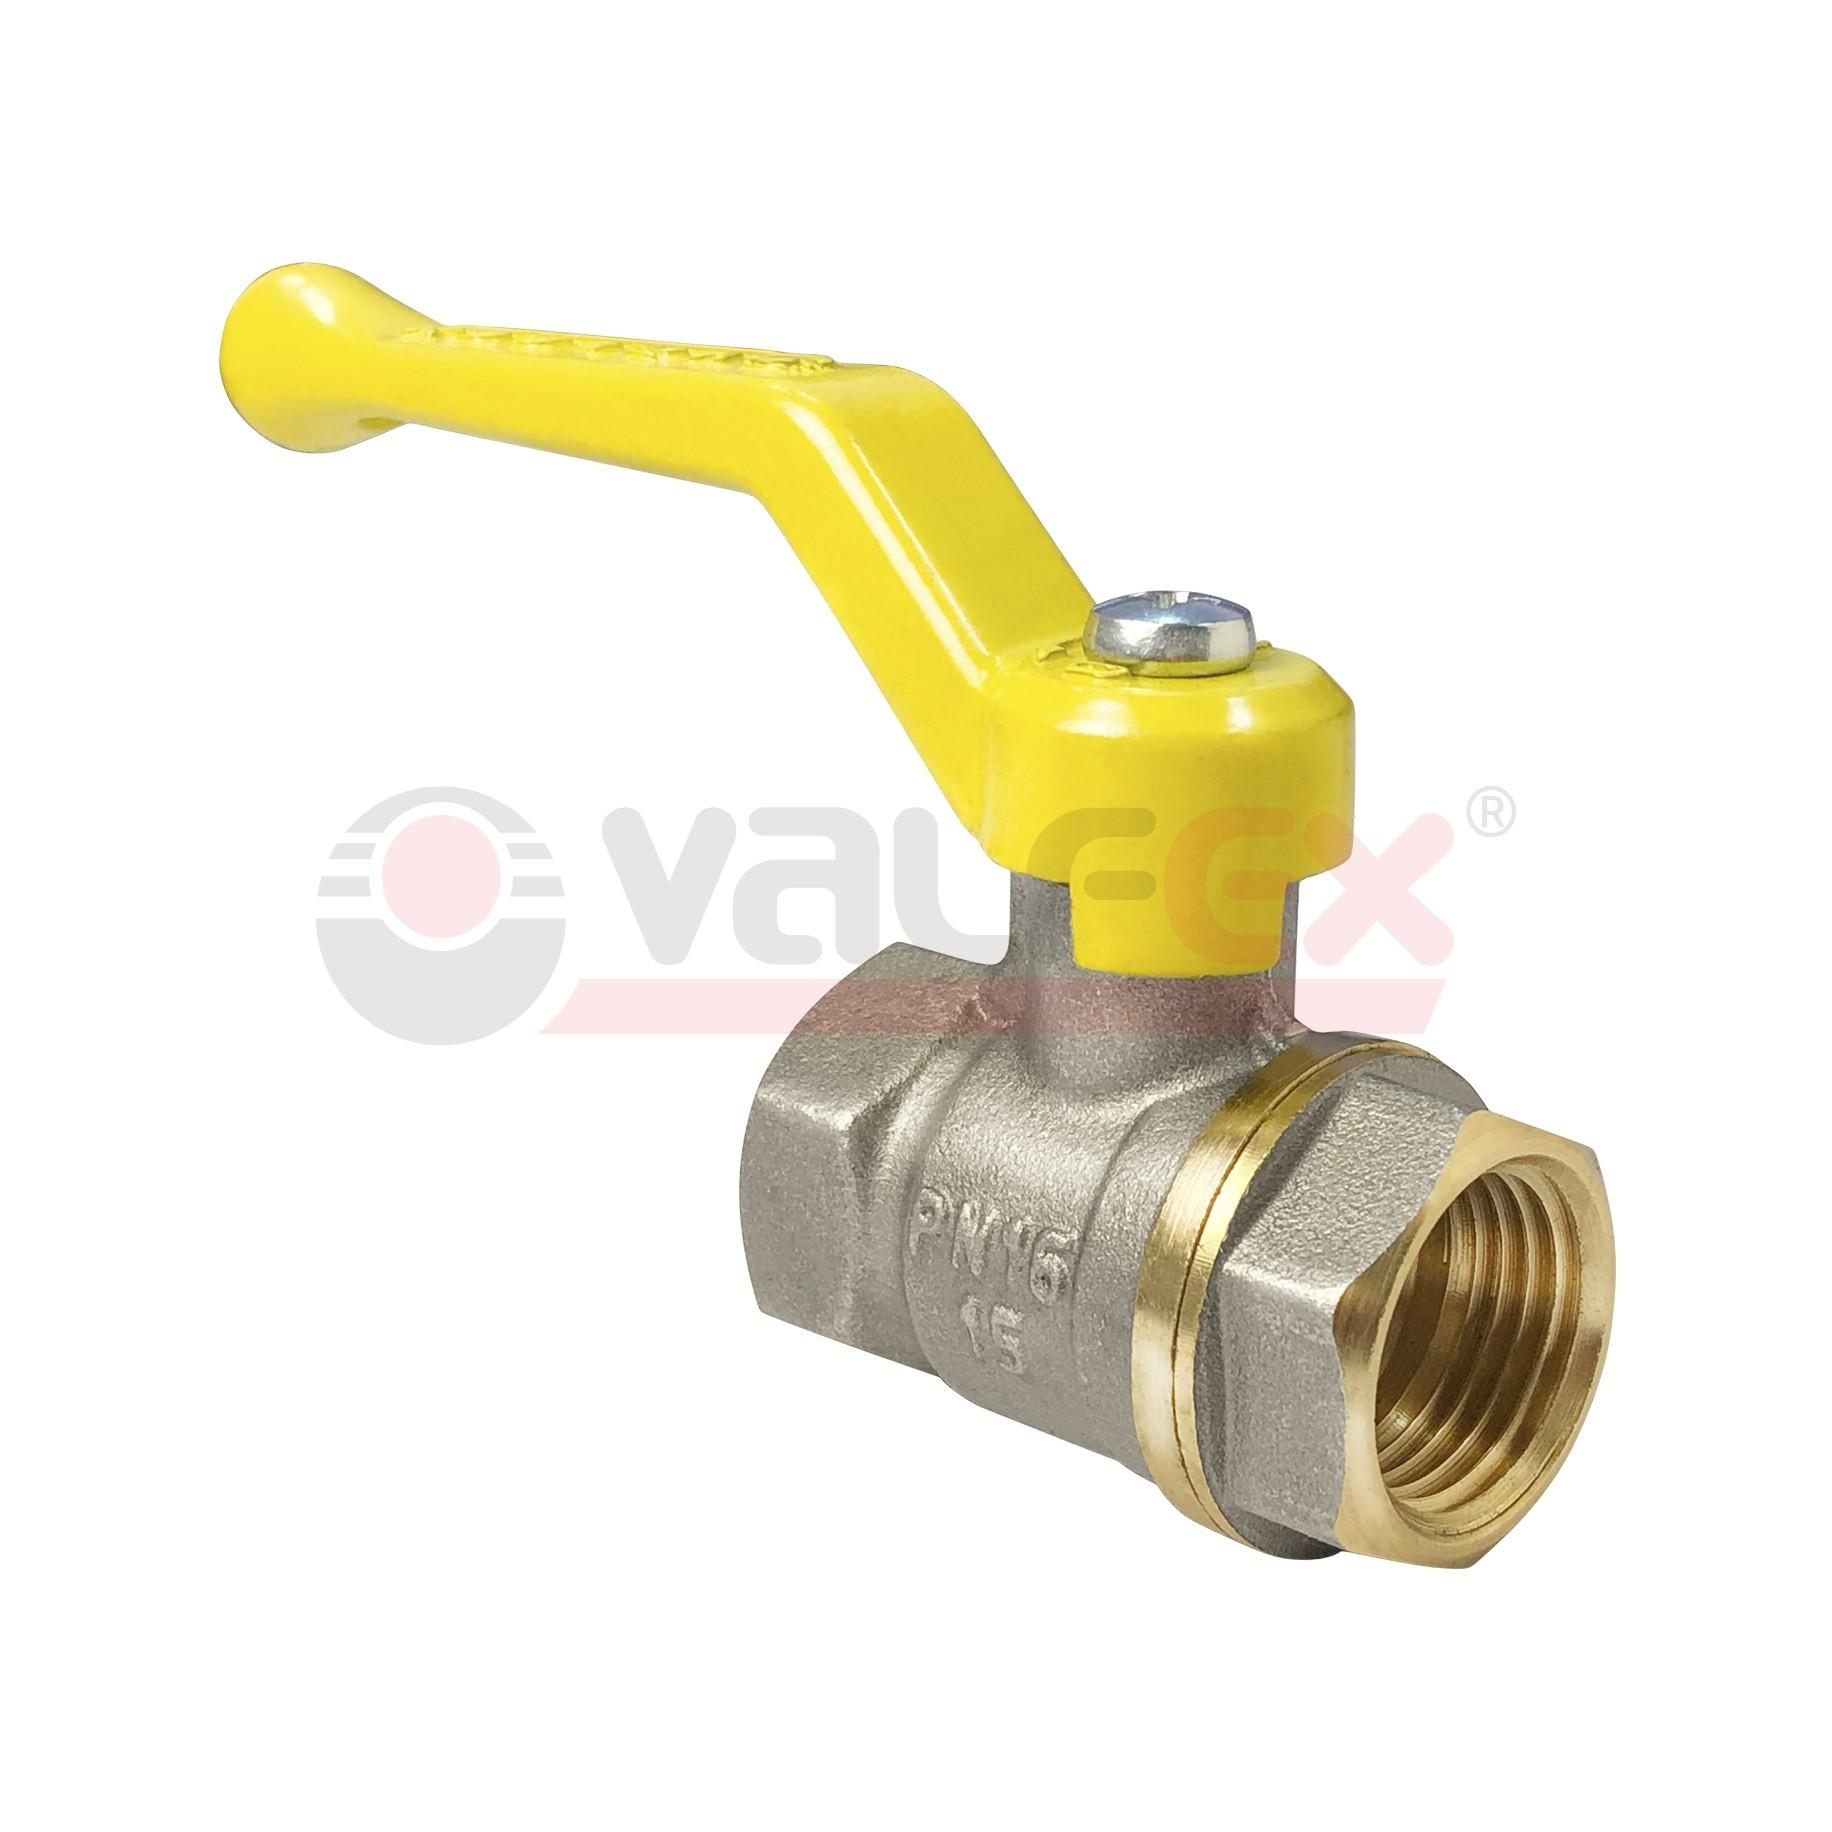 Кран шаровой для газа полнопроходной VALFEX ручка рычаг резьба внутренняя-внутренняя